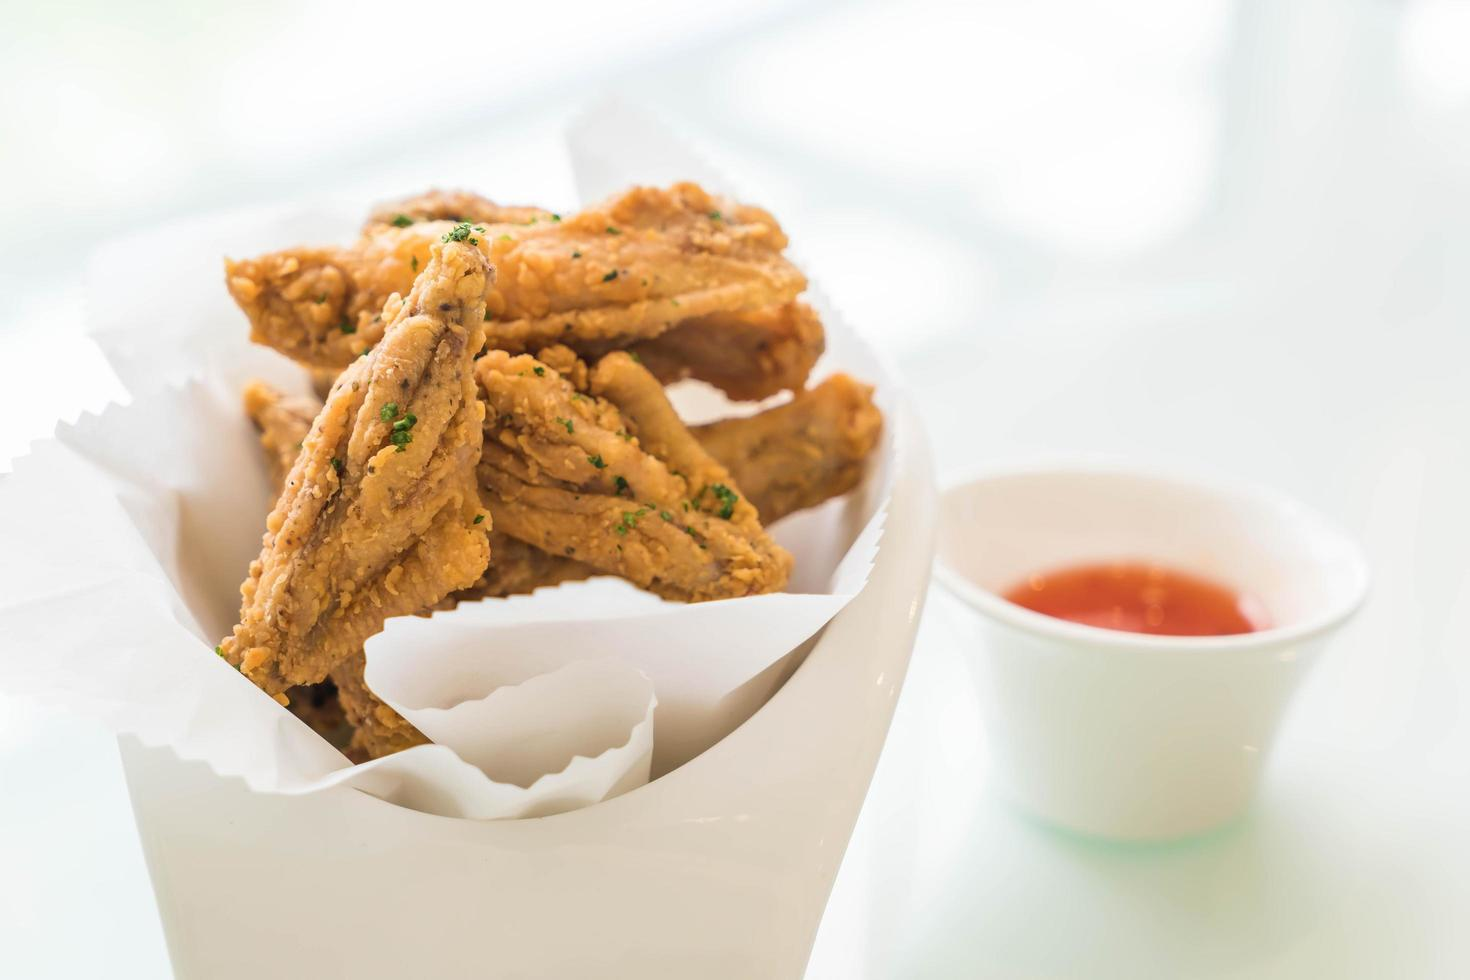 ailes de poulet frites avec sauce photo